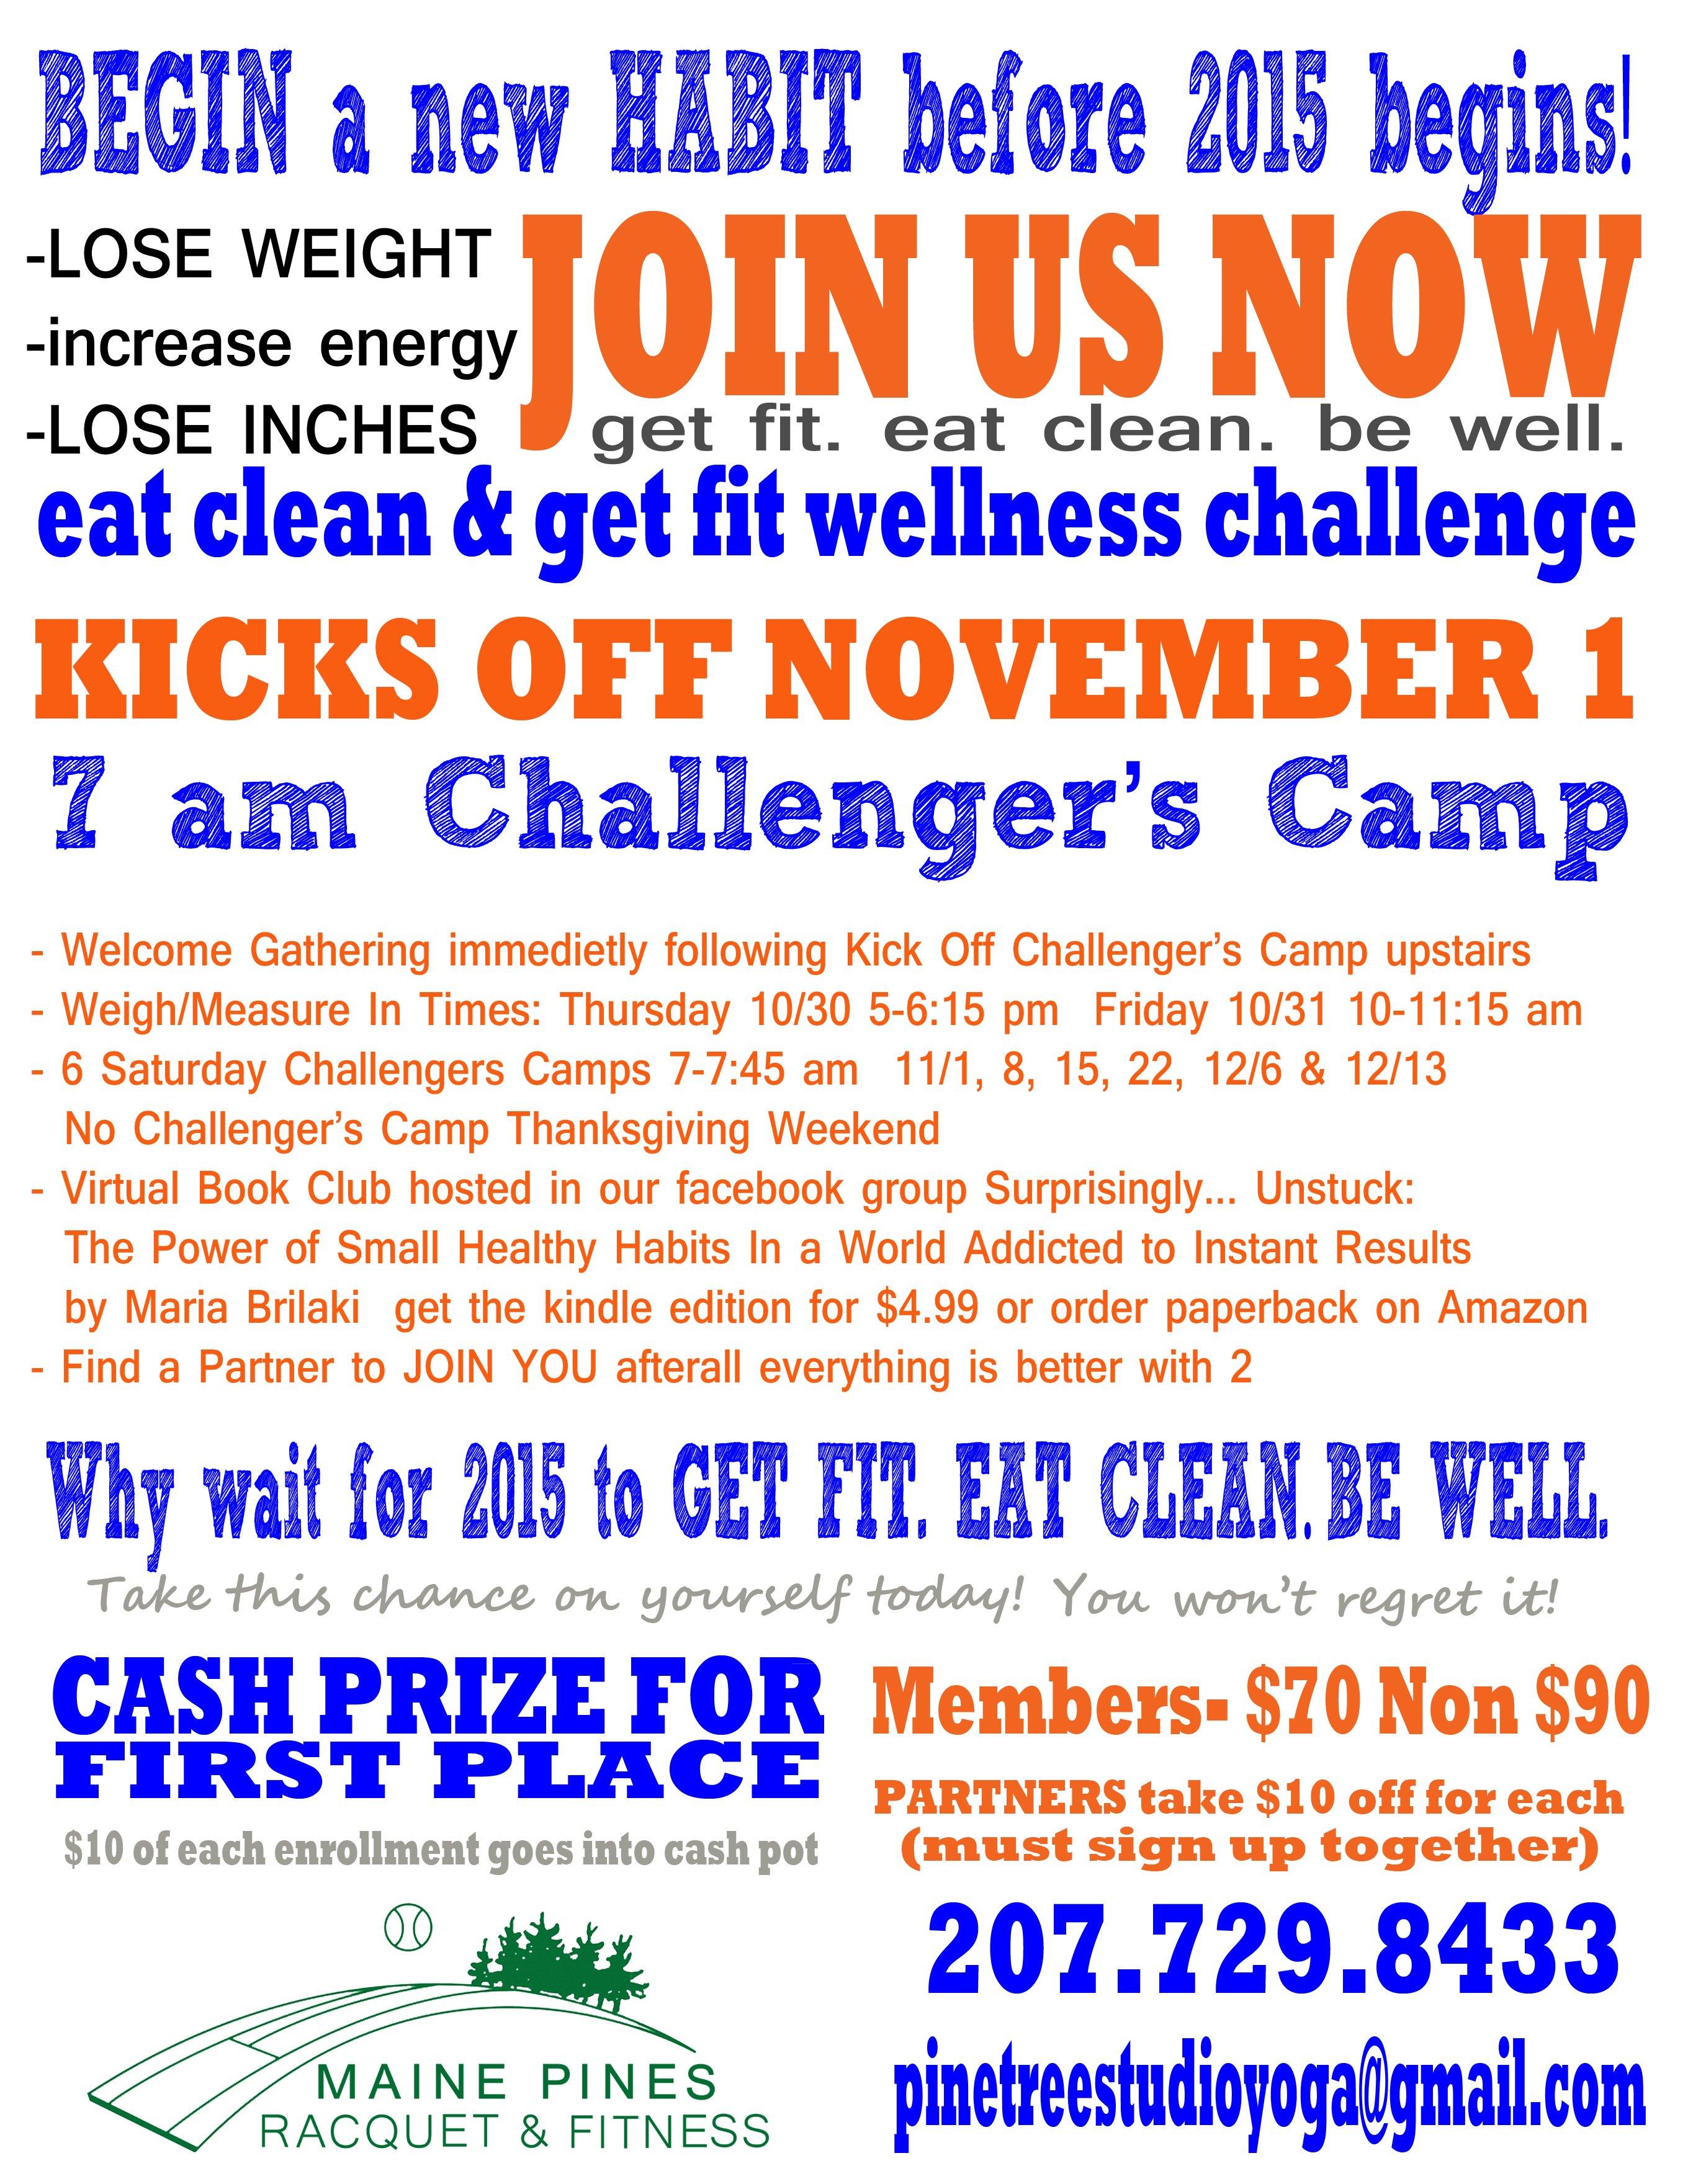 EatClean_BeFit_WellnessChallenge